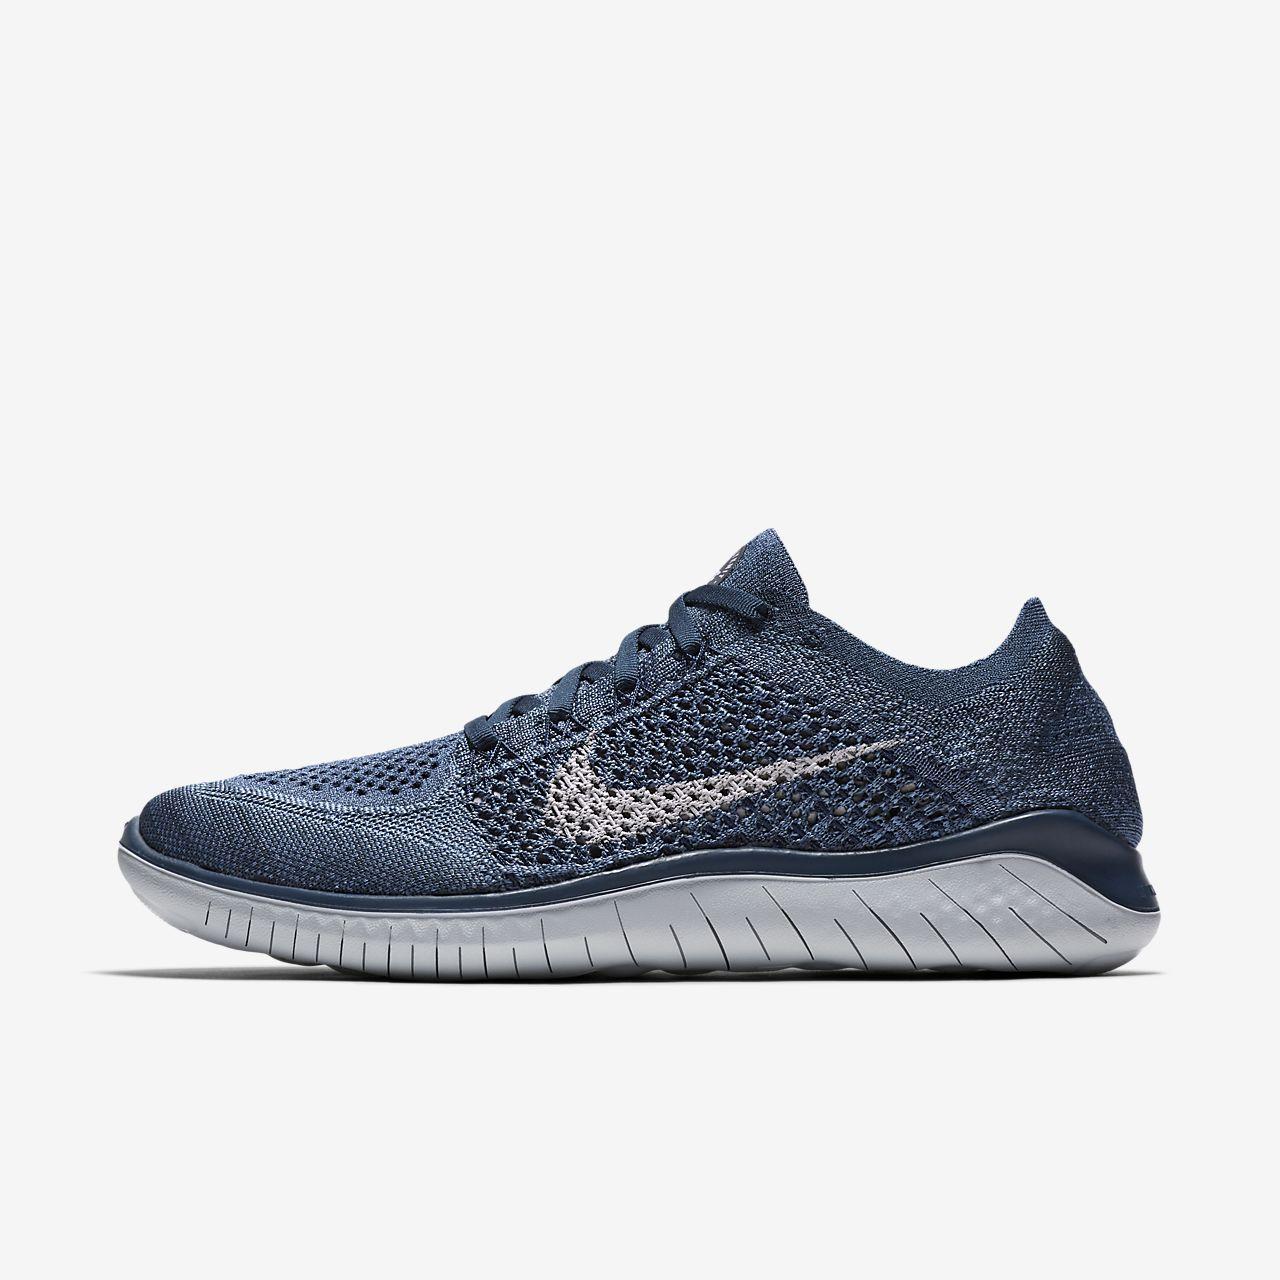 Free Rn Flyknit 2018 Women S Running Shoe Nike Running Shoes Women Womens Running Shoes Nike Shoes Girls